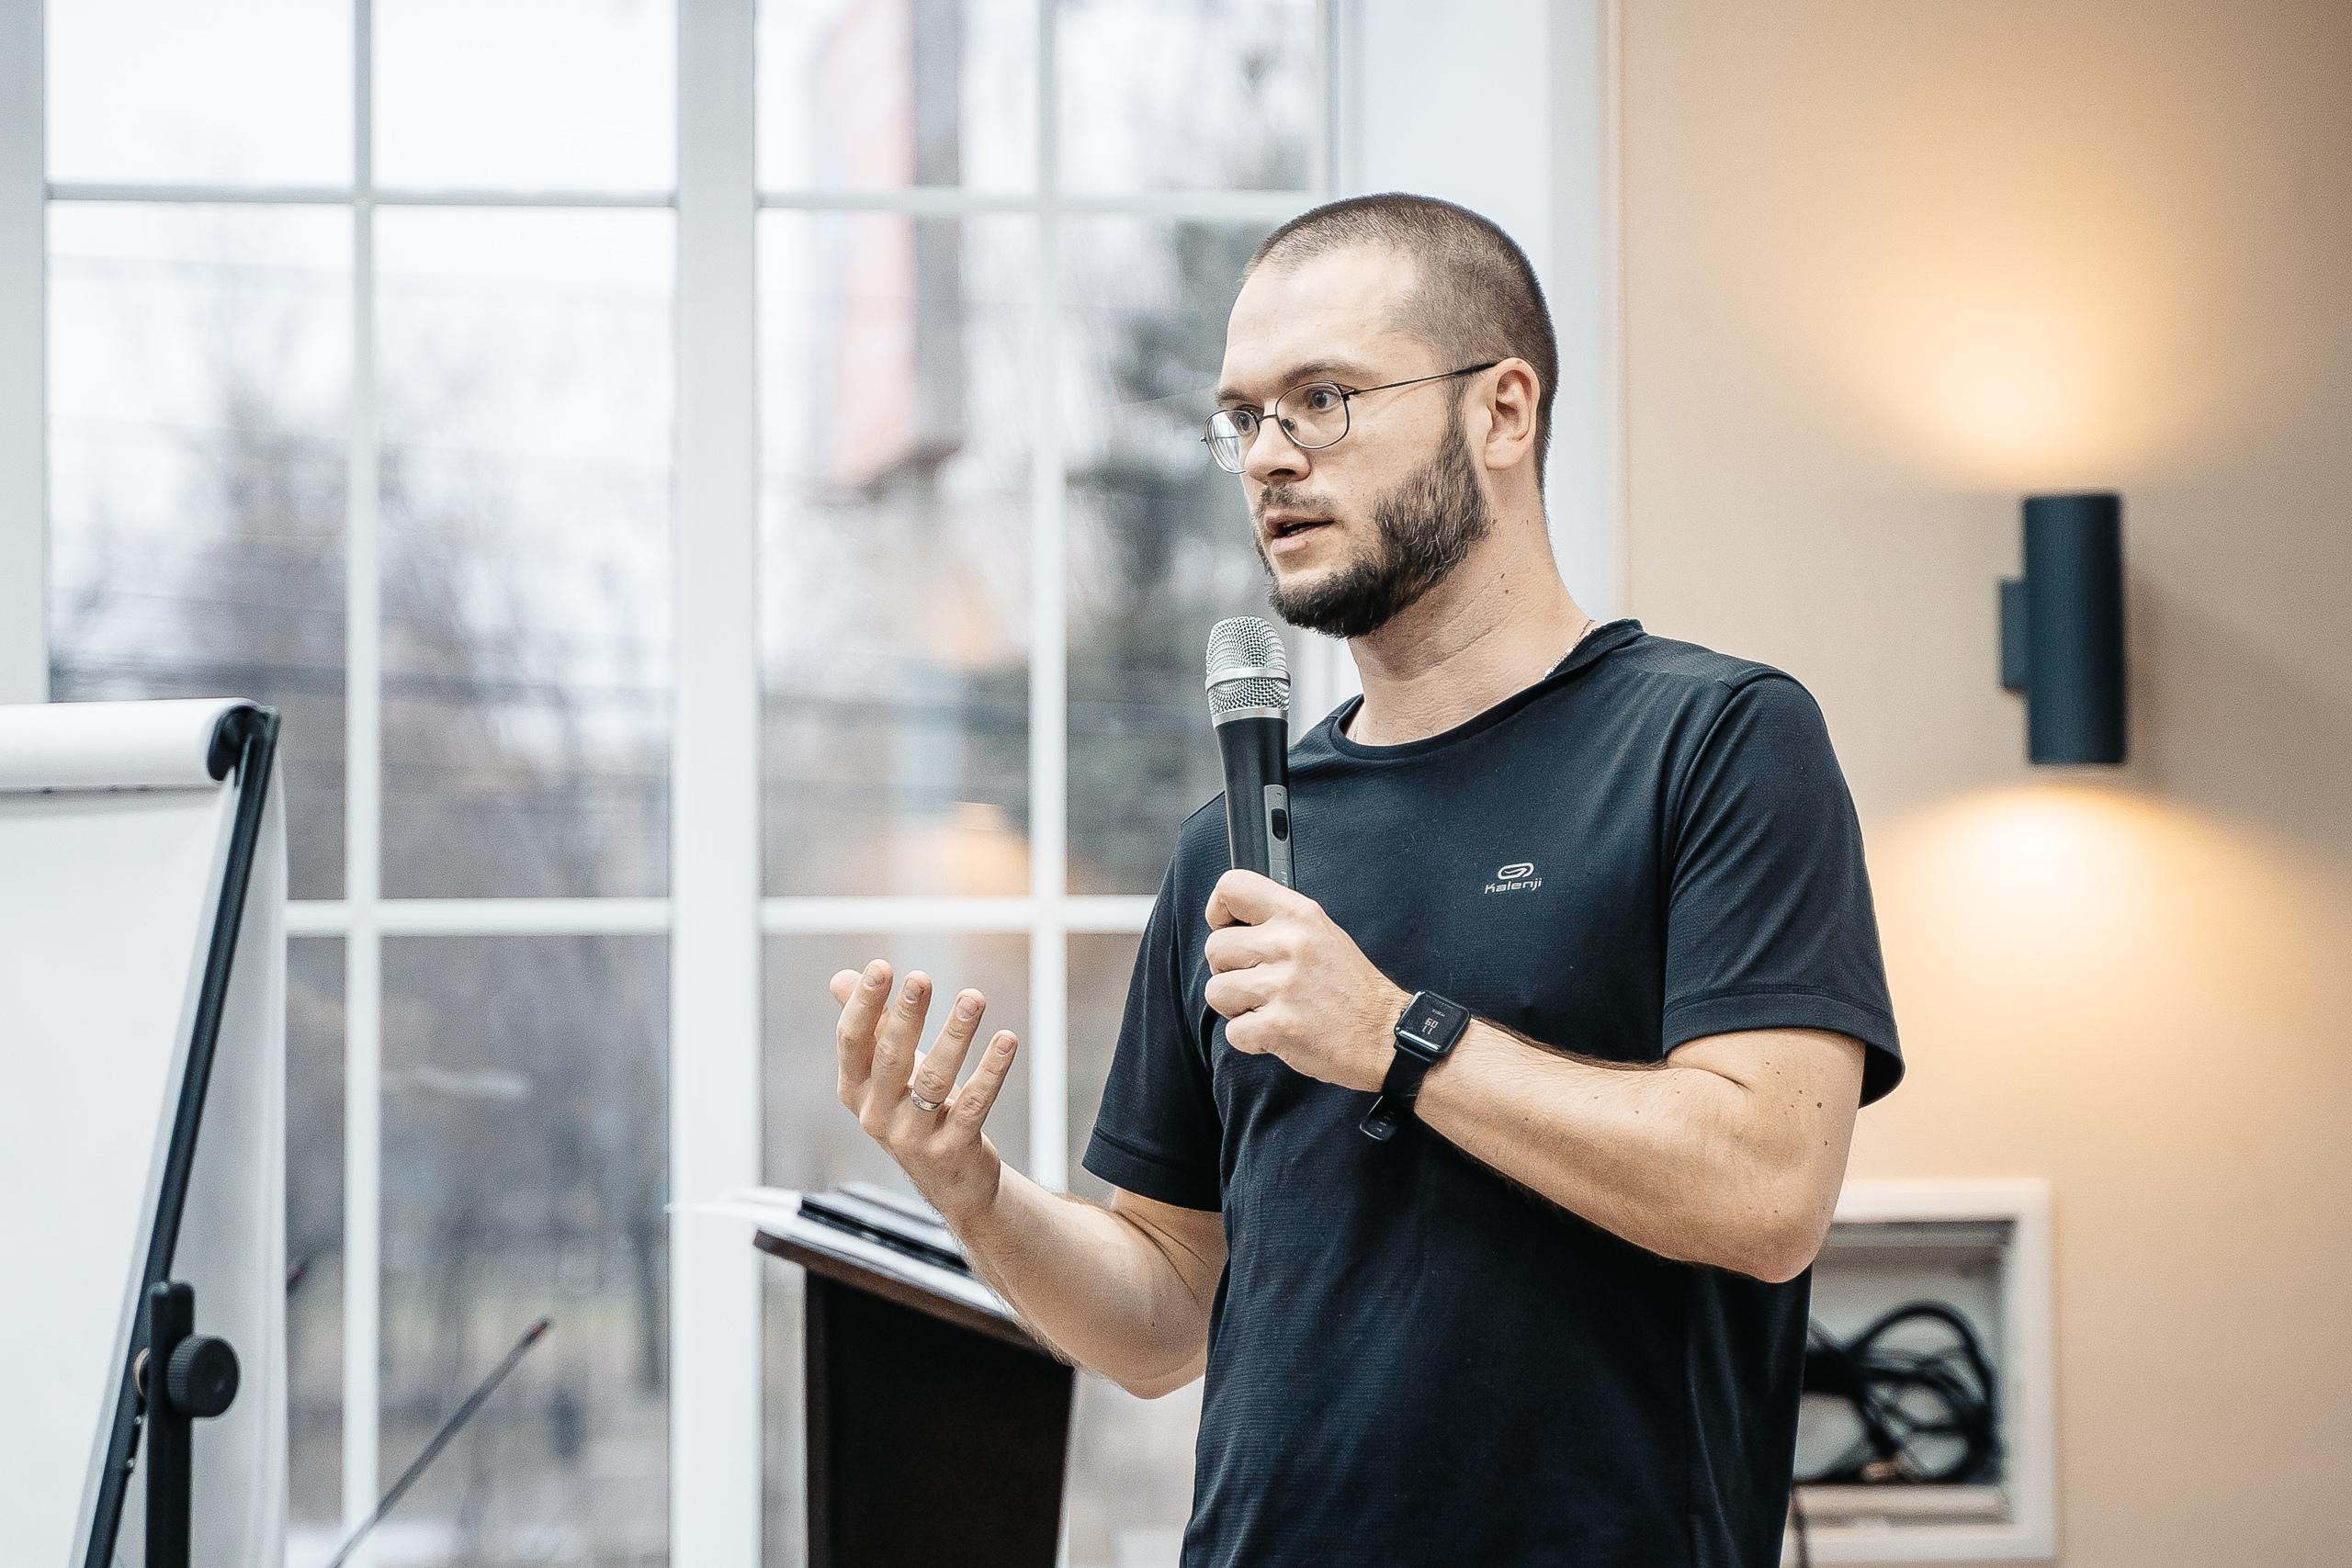 Михаил Окороков: сейчас проявить заботу об окружающих проще, чем когда-либо - наденьте маску